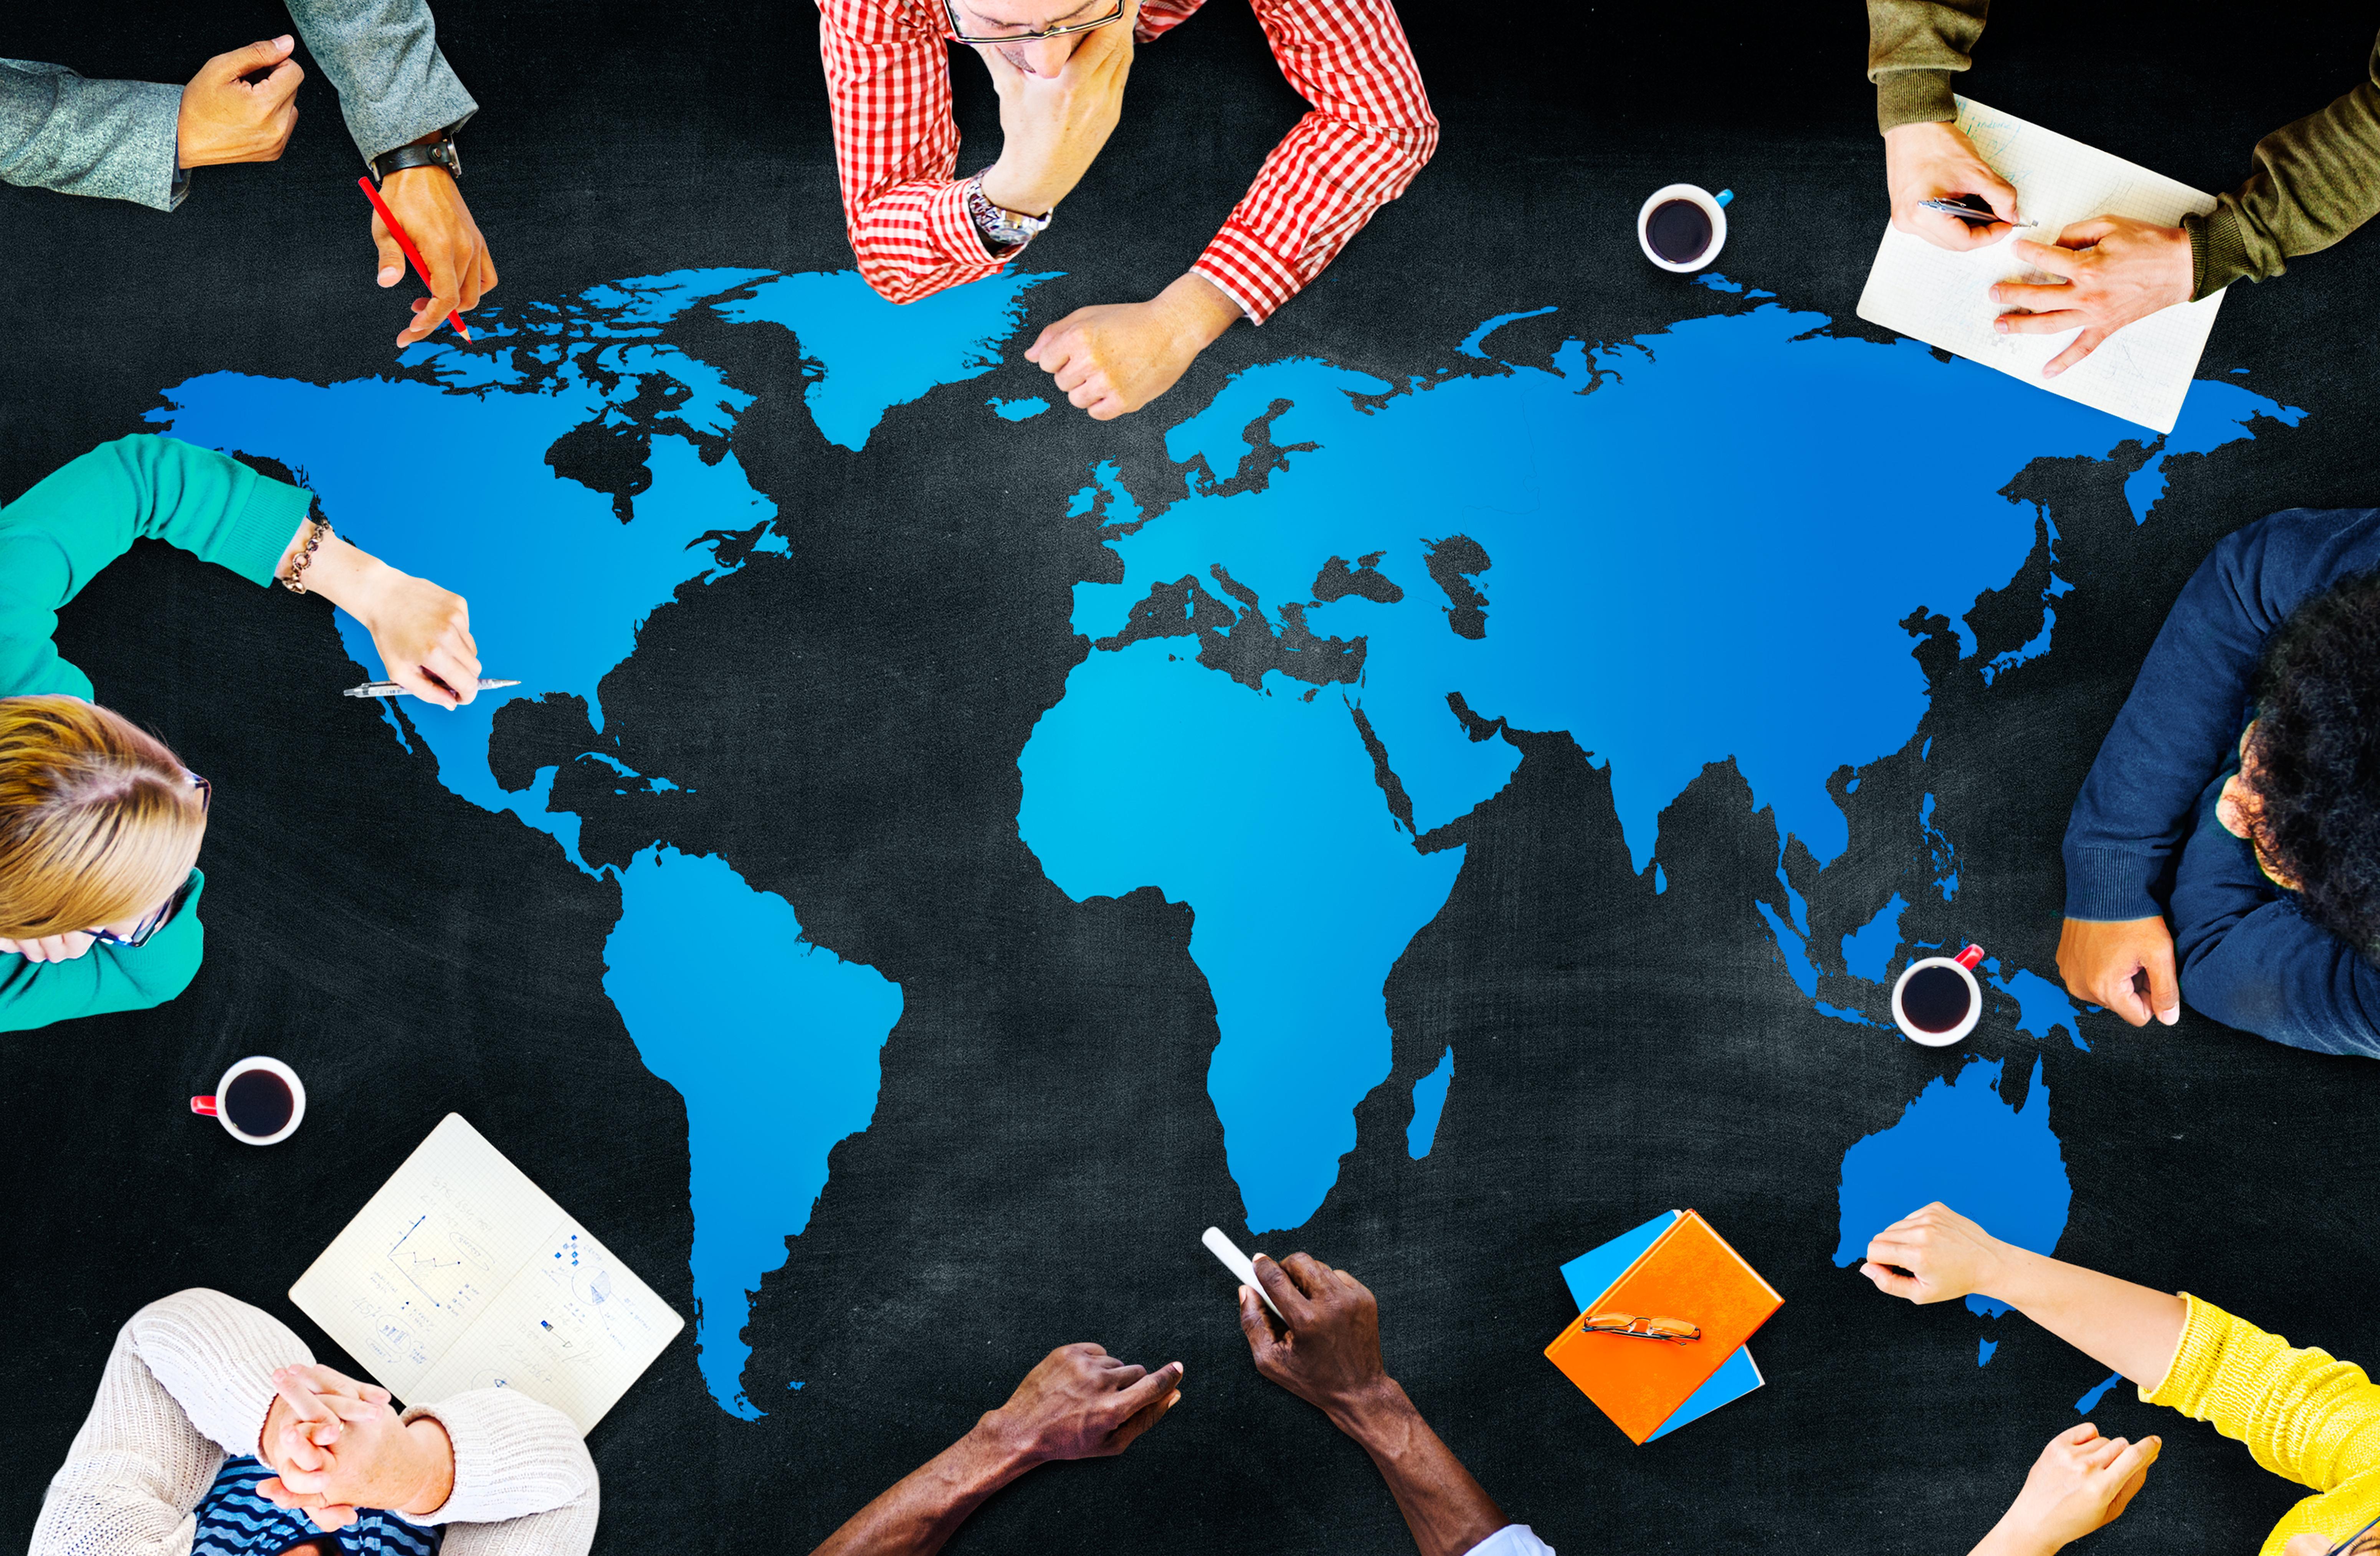 формирования глобализация в образовании картинки них течёт кровь